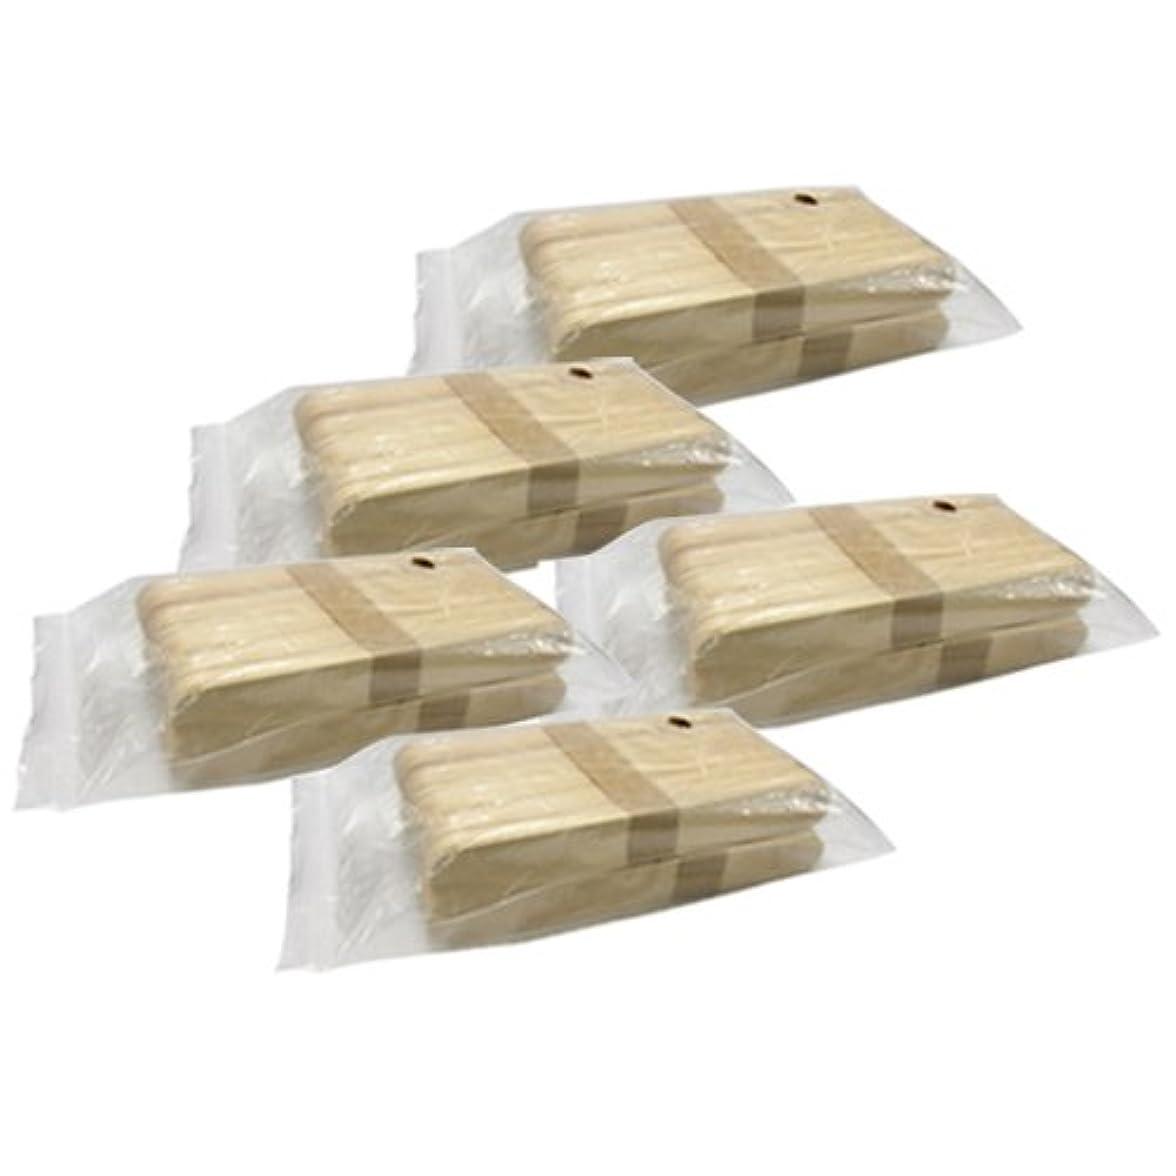 オリエンタル陪審短くする使い捨て【木ベラ/ウッドスパチュラ】(業務用100枚入り) × 5袋セット(計500枚)/WAX脱毛等や舌厚子にも …